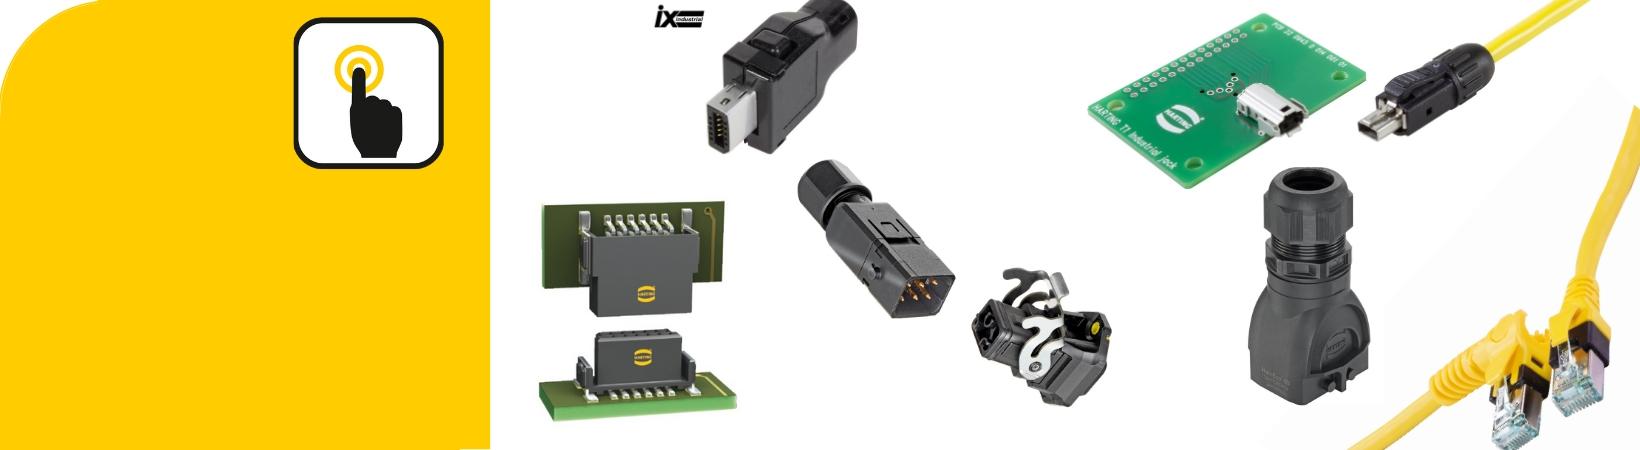 Configuratore connettori Industriali Han®